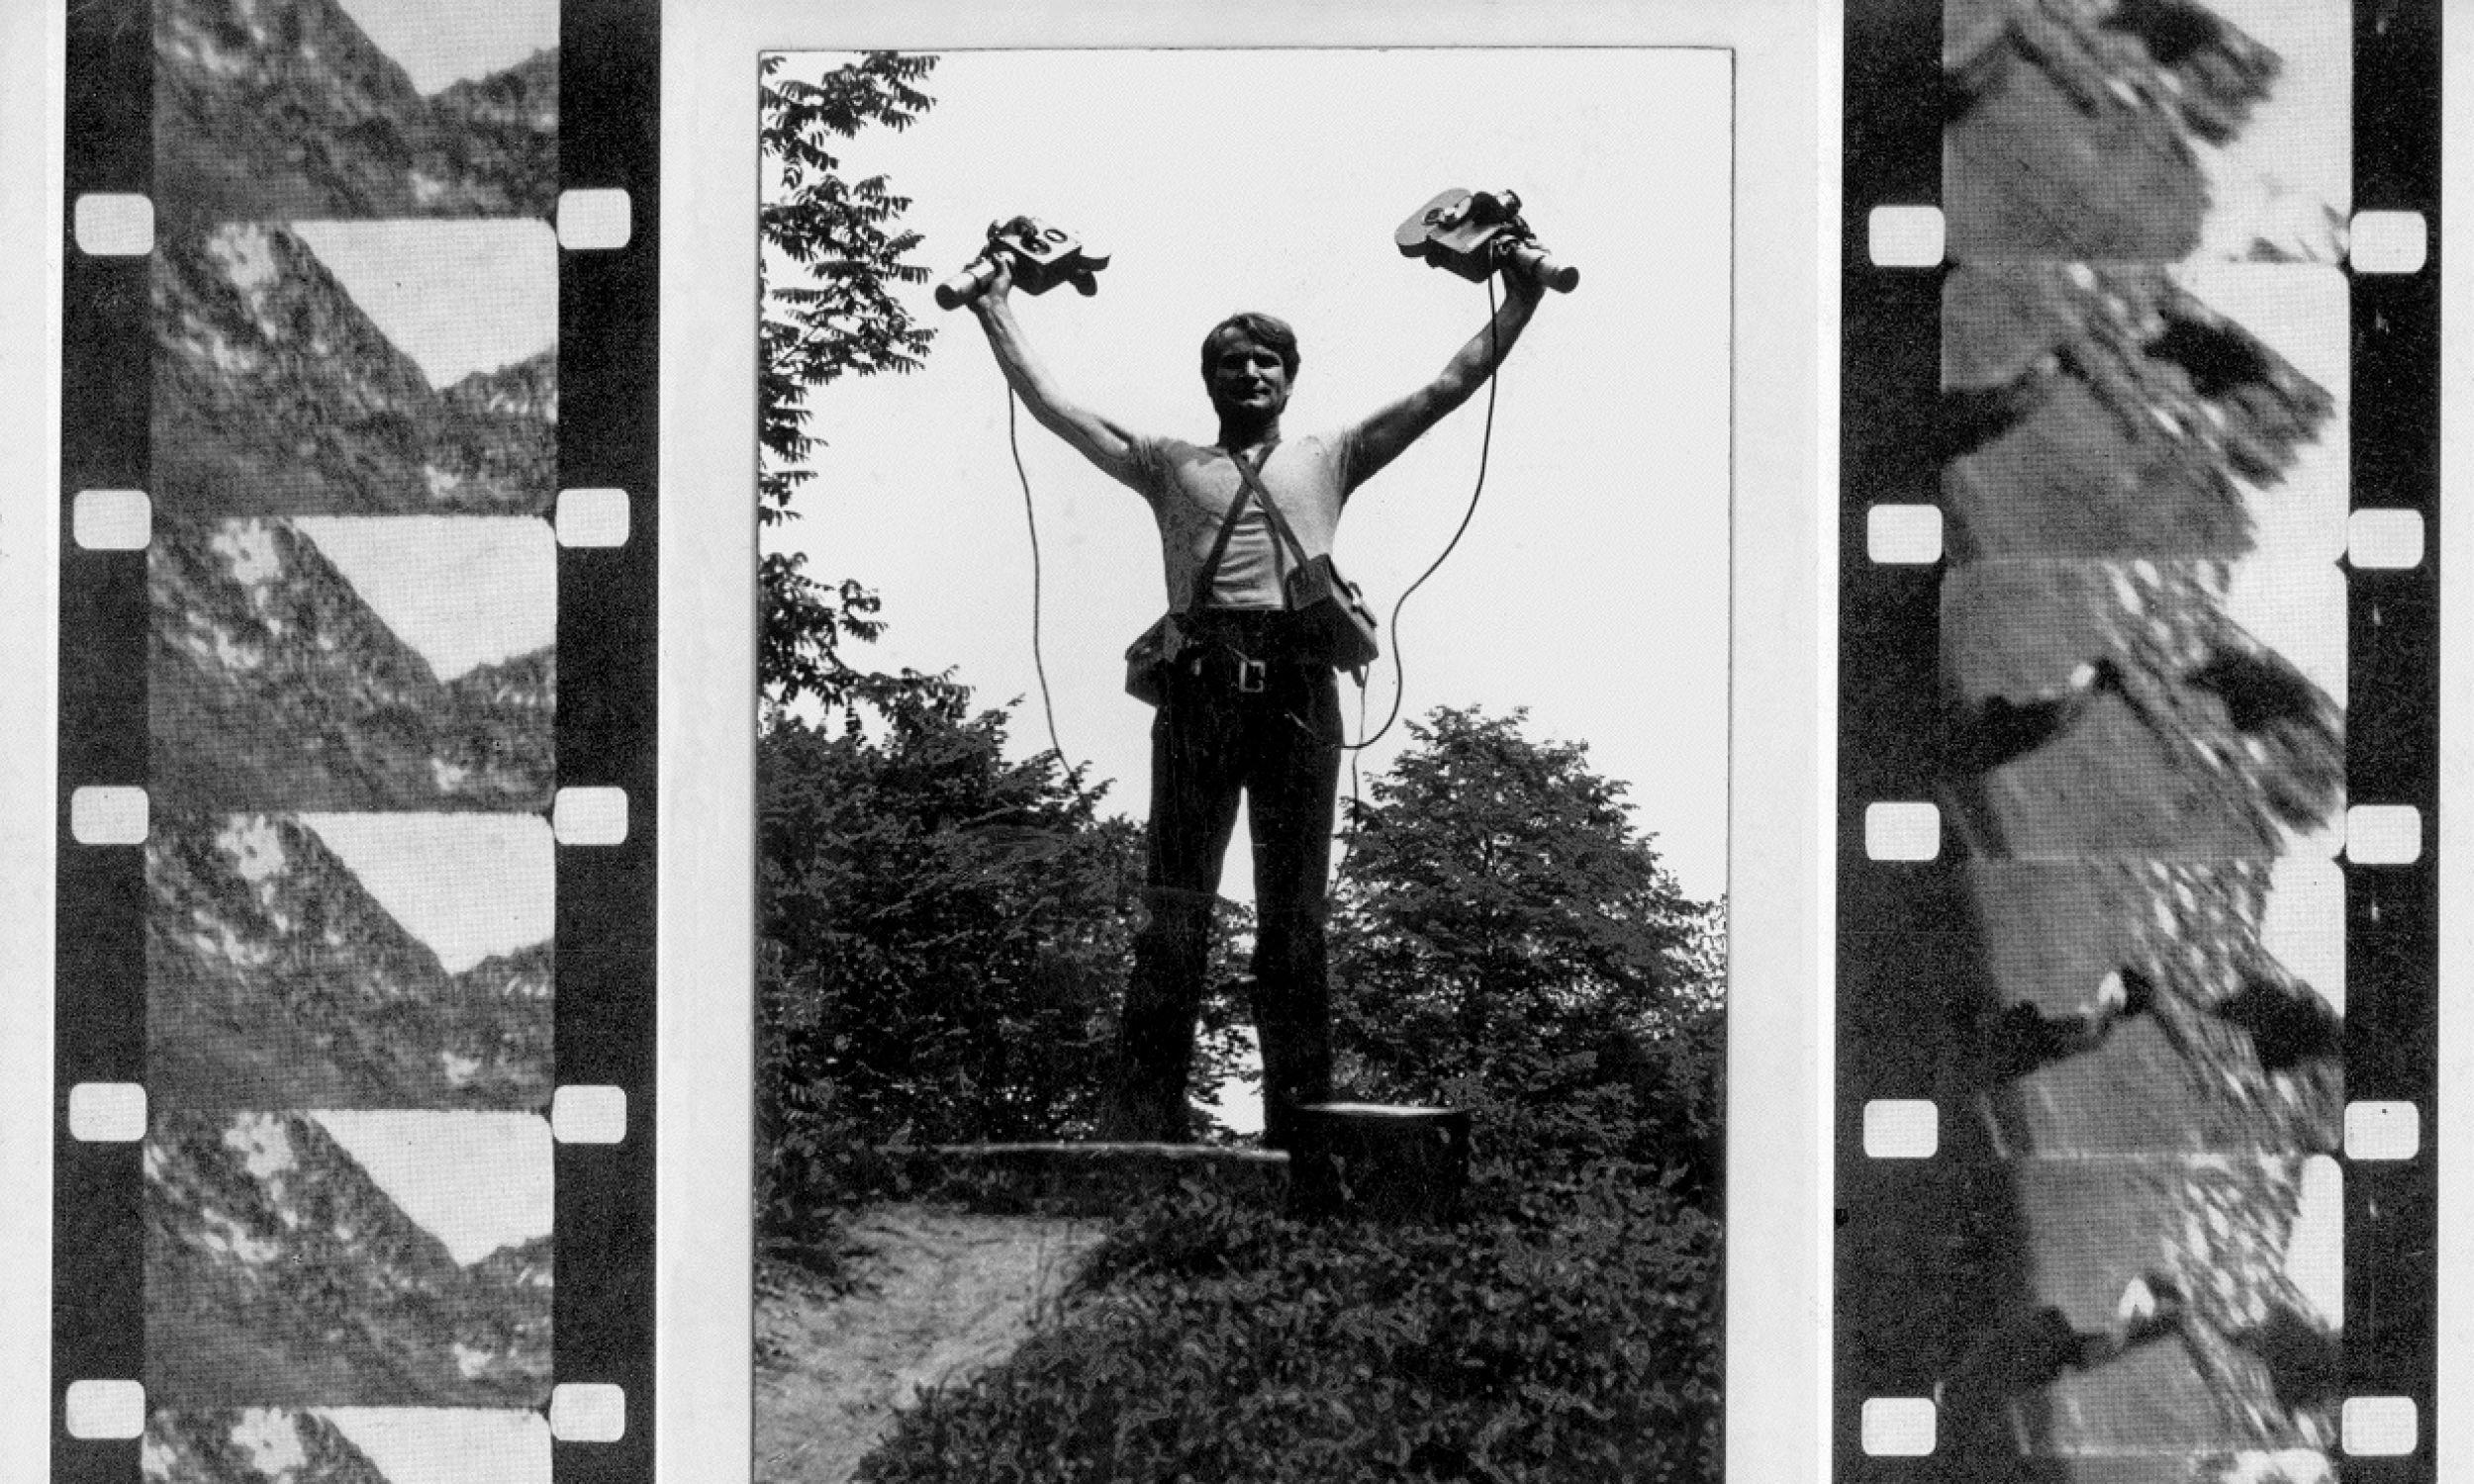 Ćwiczenia na dwie ręce. Rok 1976. Fot. Muzeum Sztuki Nowoczesnej w Warszawie